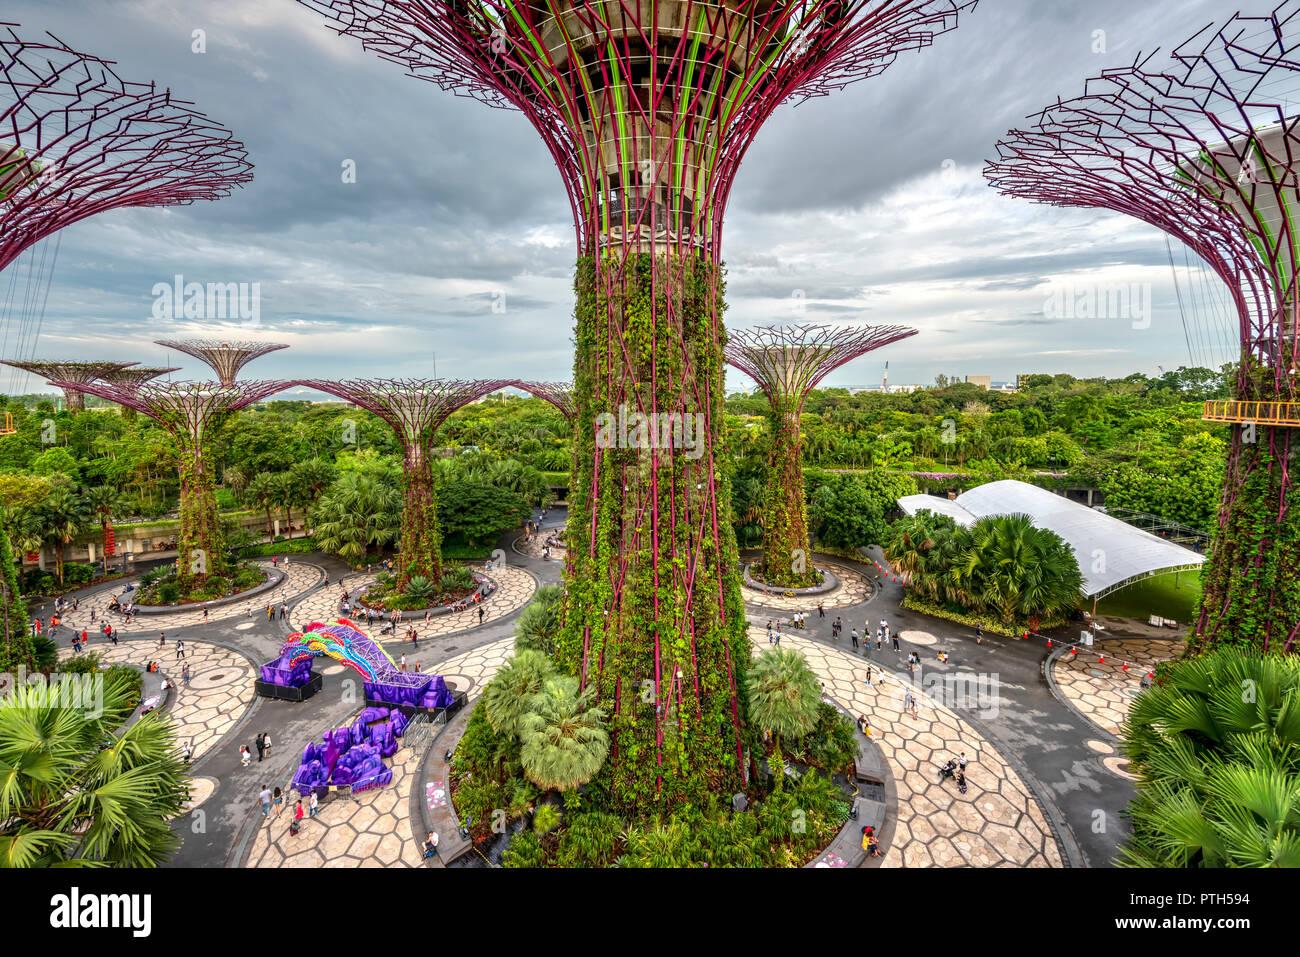 La Supertree Grove en jardines por el parque natural de la Bahía de Singapur Imagen De Stock